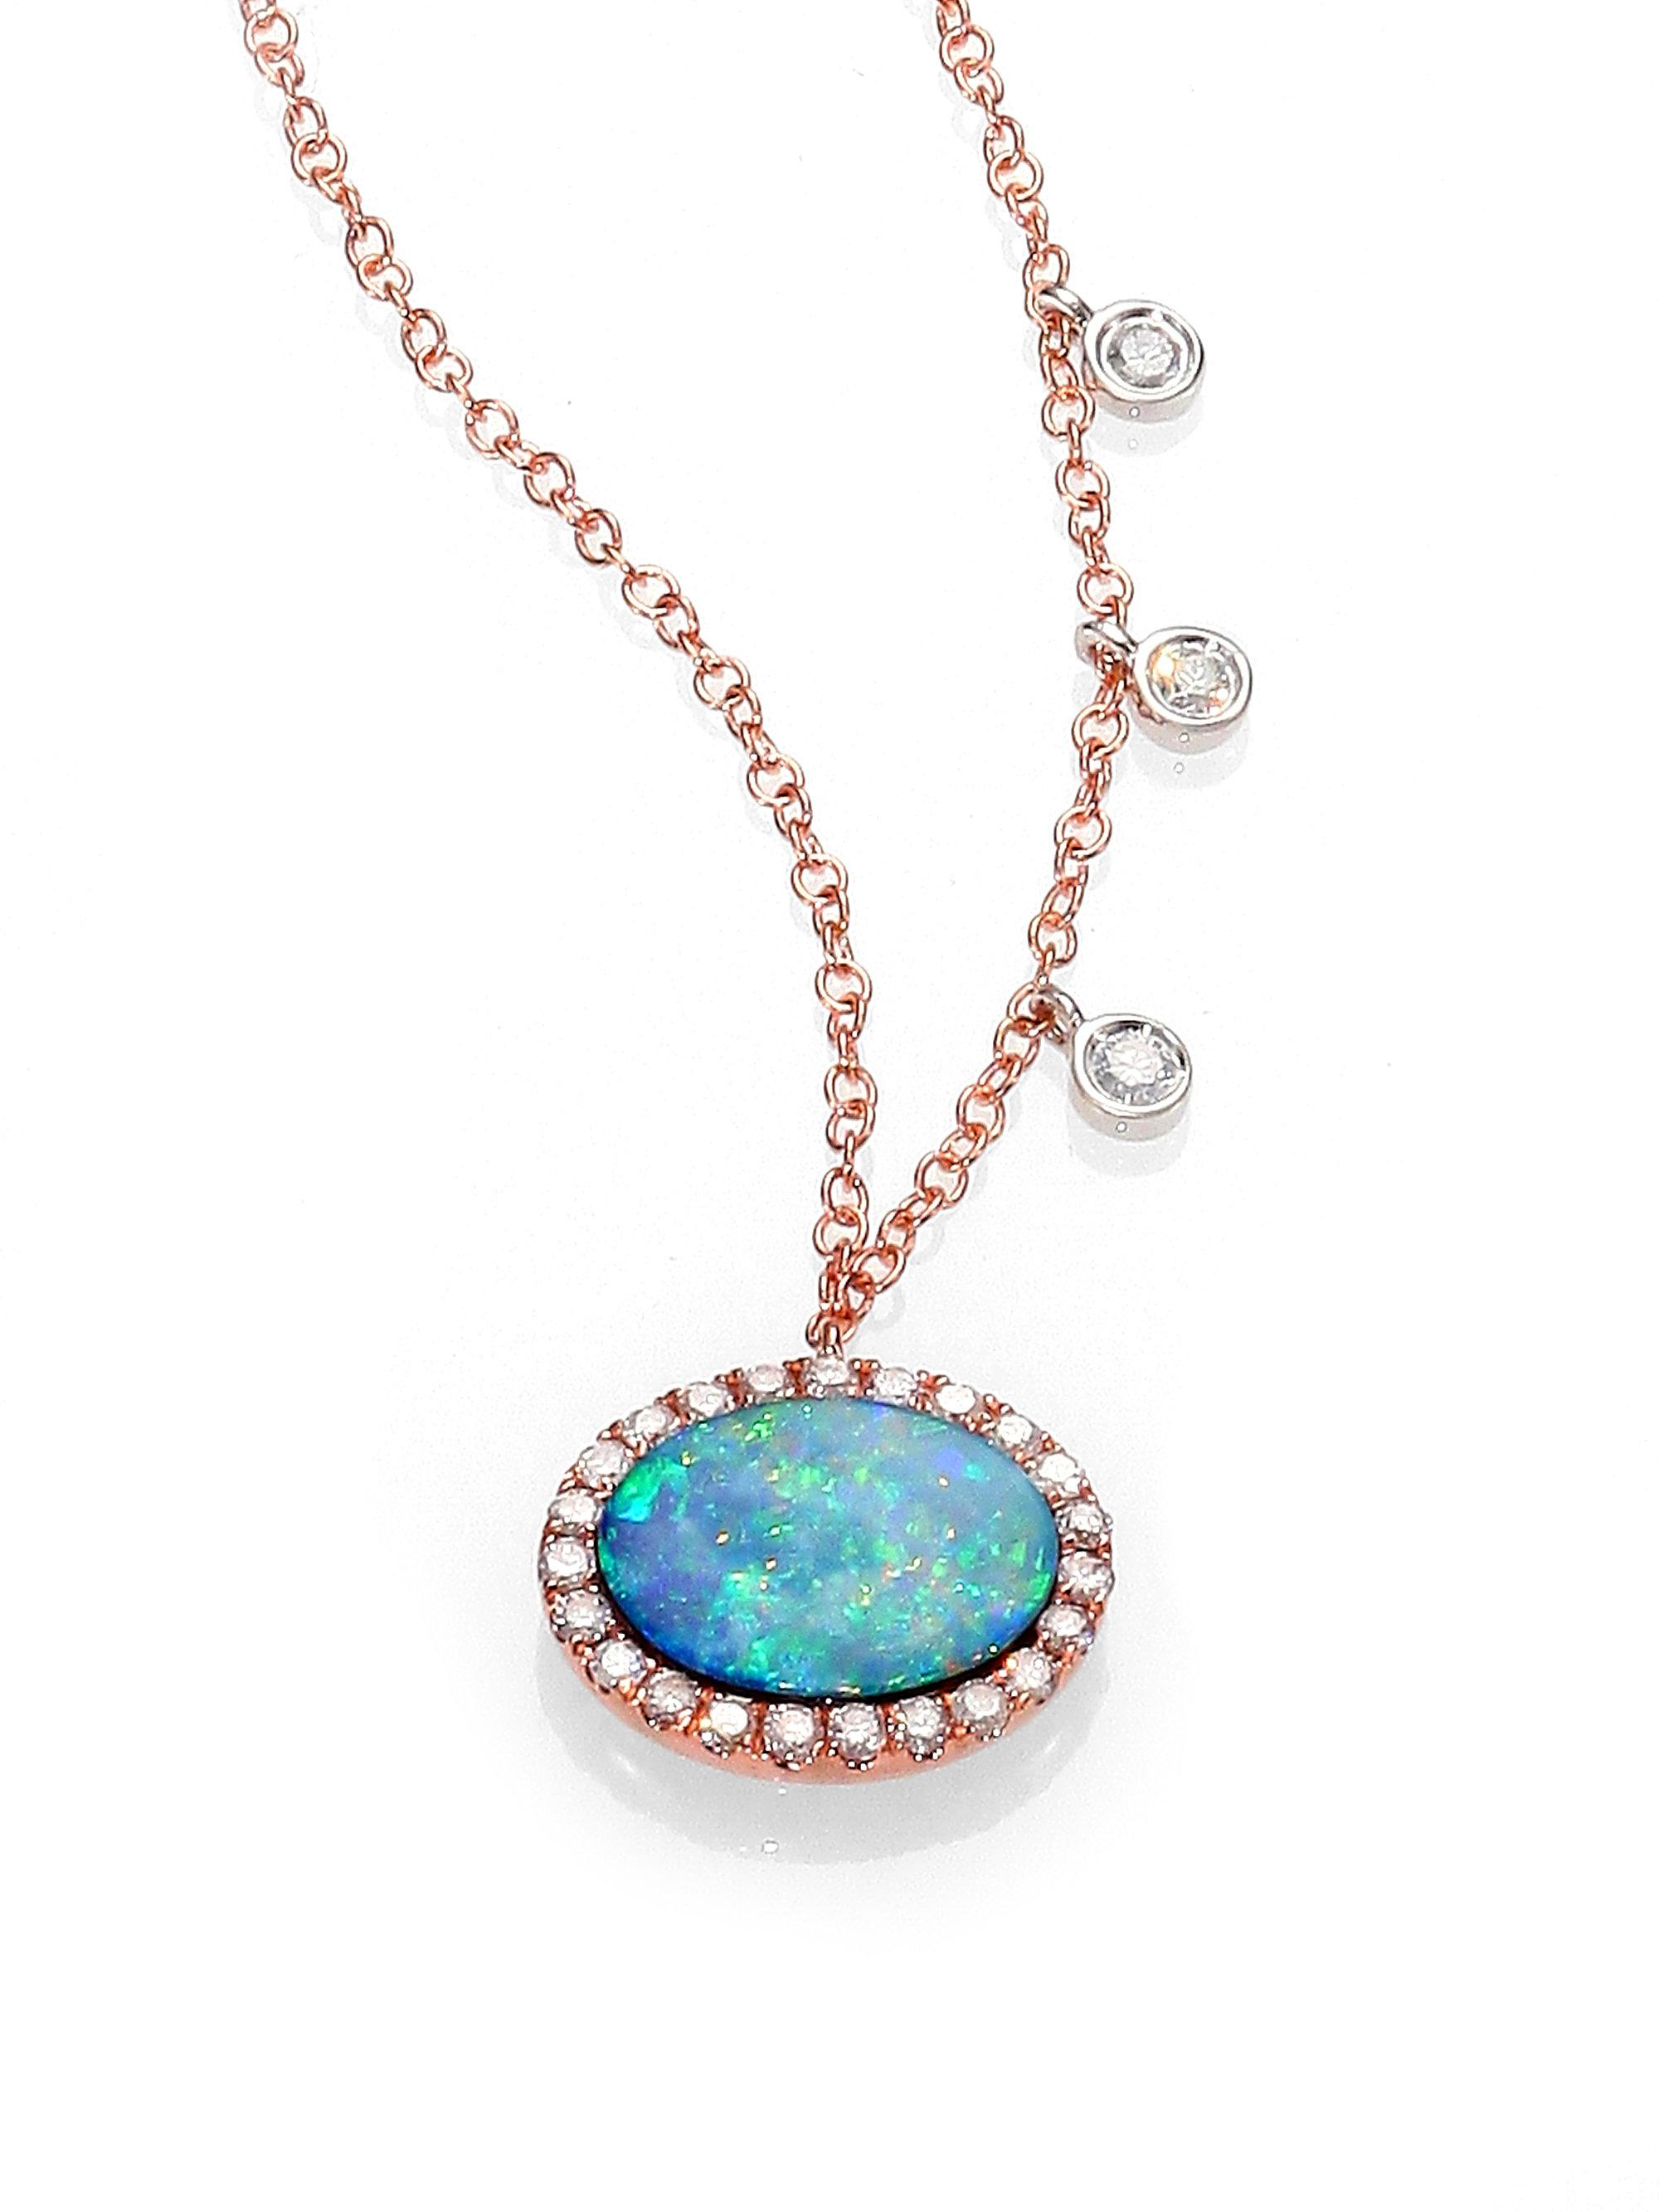 Lyst meira t opal diamond 14k rose gold pendant necklace in blue meira t womens blue opal diamond 14k rose gold pendant necklace aloadofball Gallery